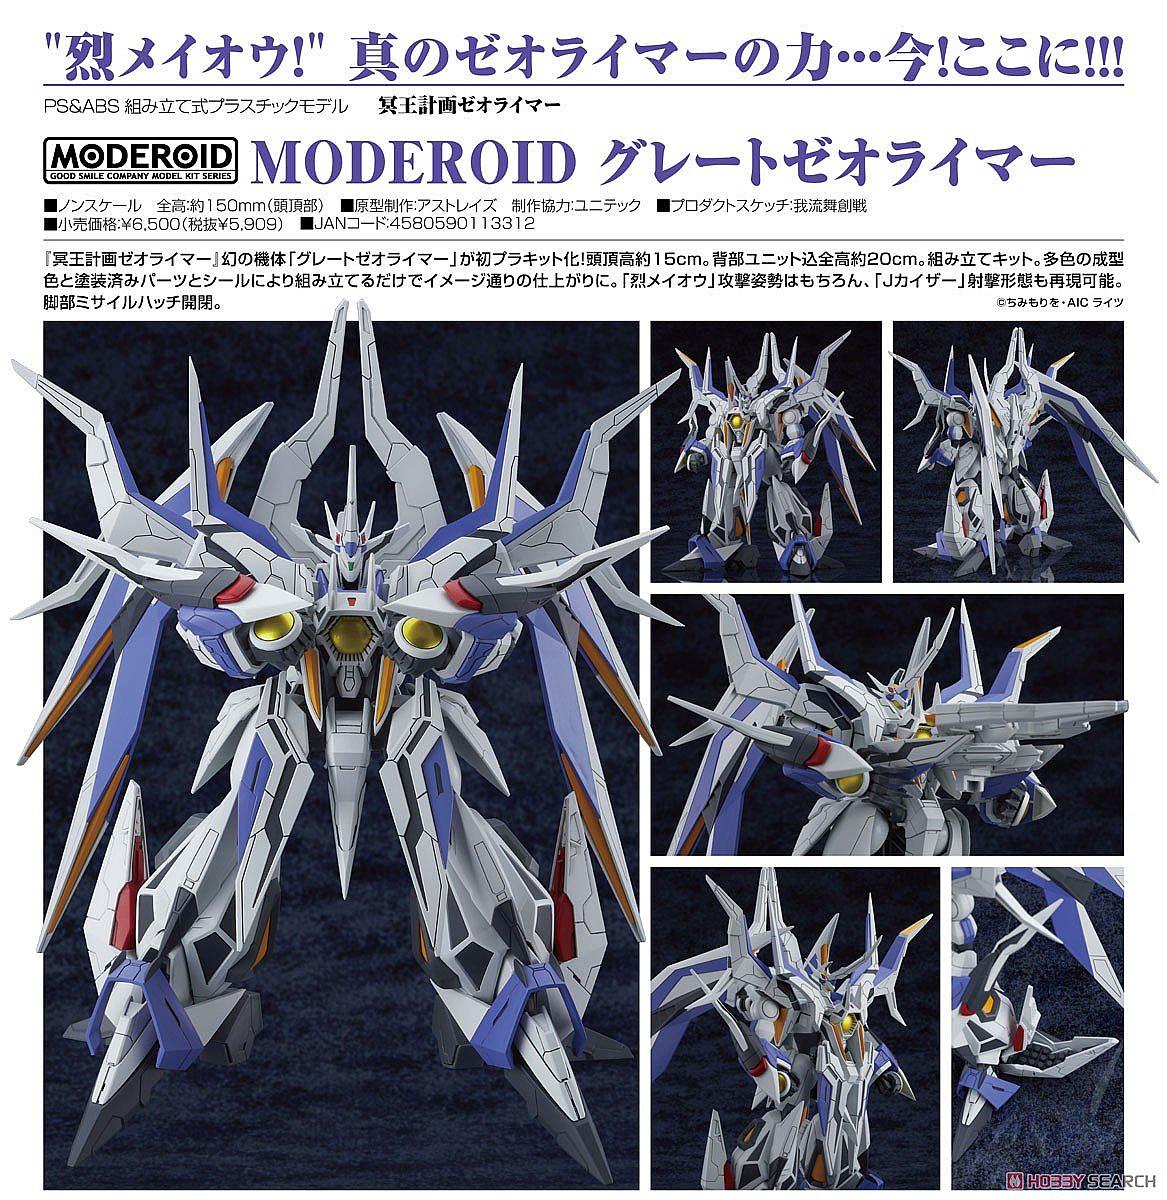 MODEROID 冥王計画ゼオライマー グレートゼオライマー プラモデルTOY-RBT-5306_08